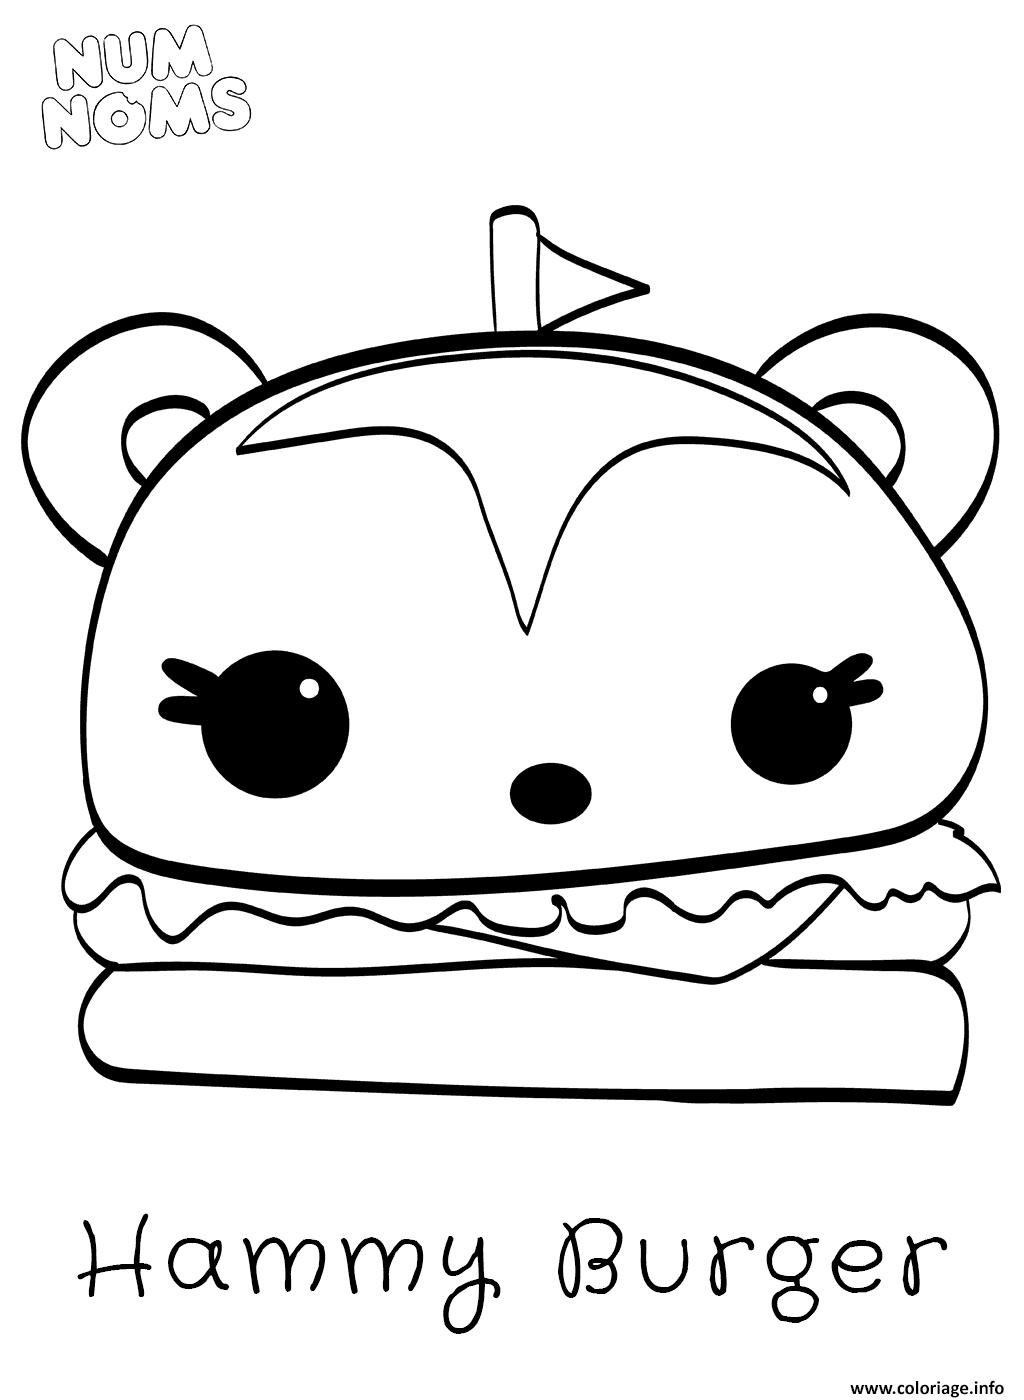 Dessin Hammy Burger Coloriage Gratuit à Imprimer